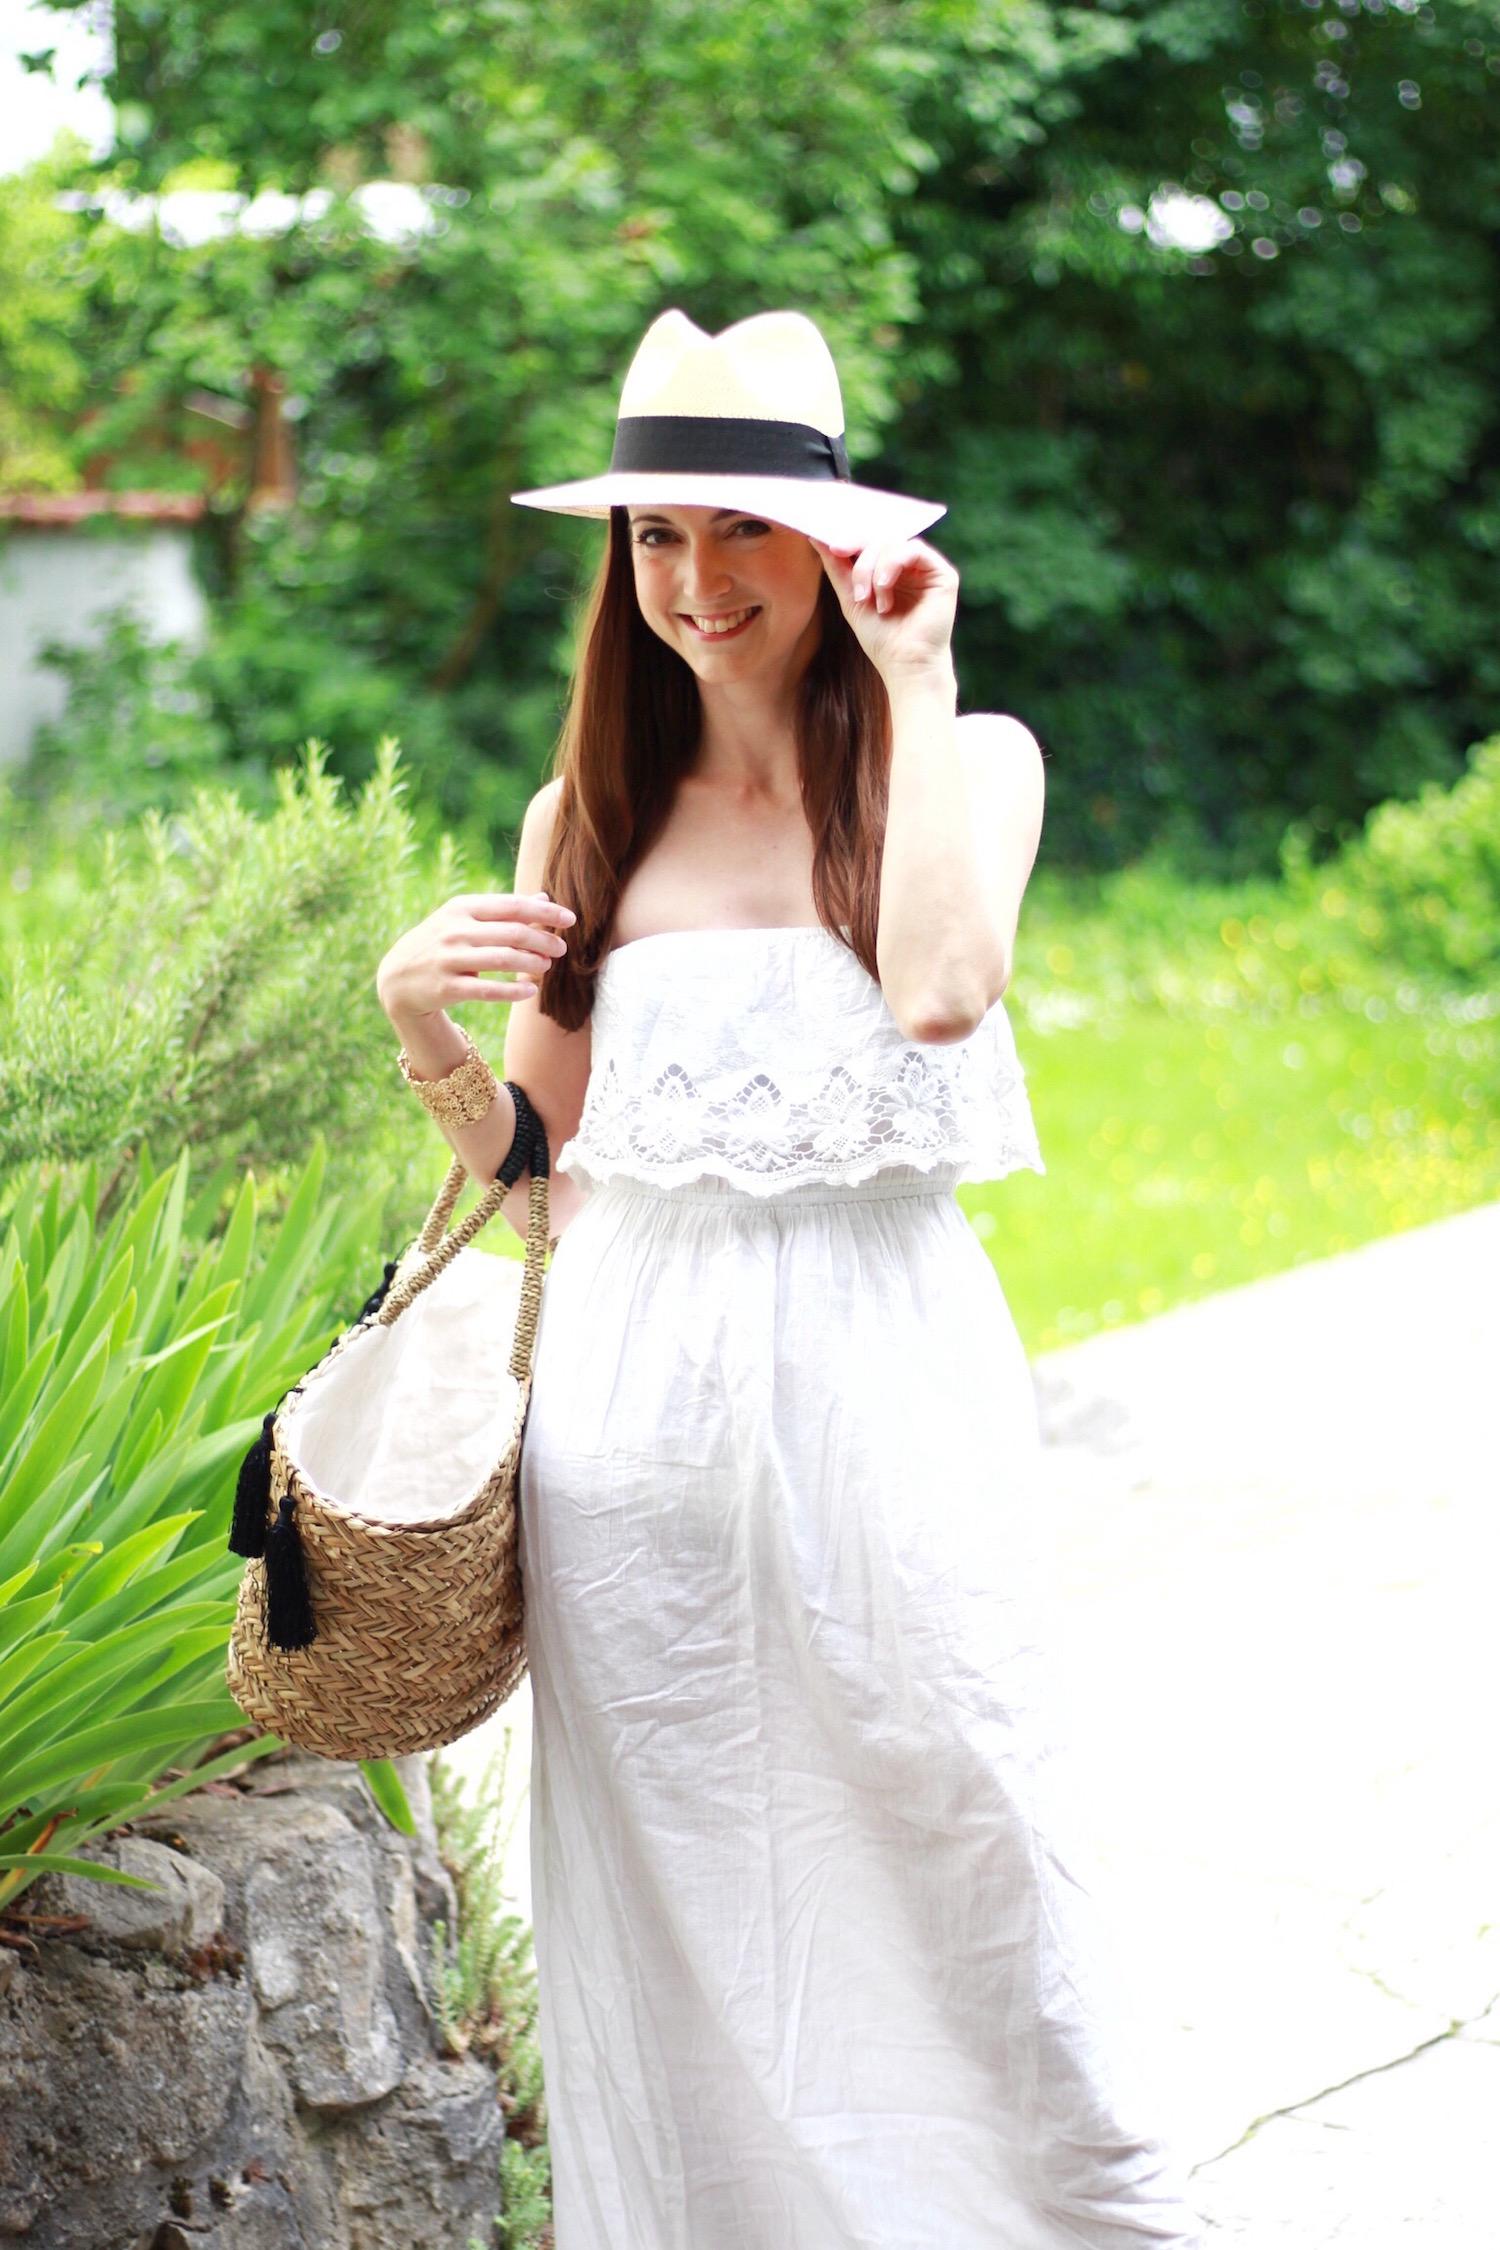 Modeblog Outfit mit Sommerkleid im Boho Stil Sonnenhut und Basttasche